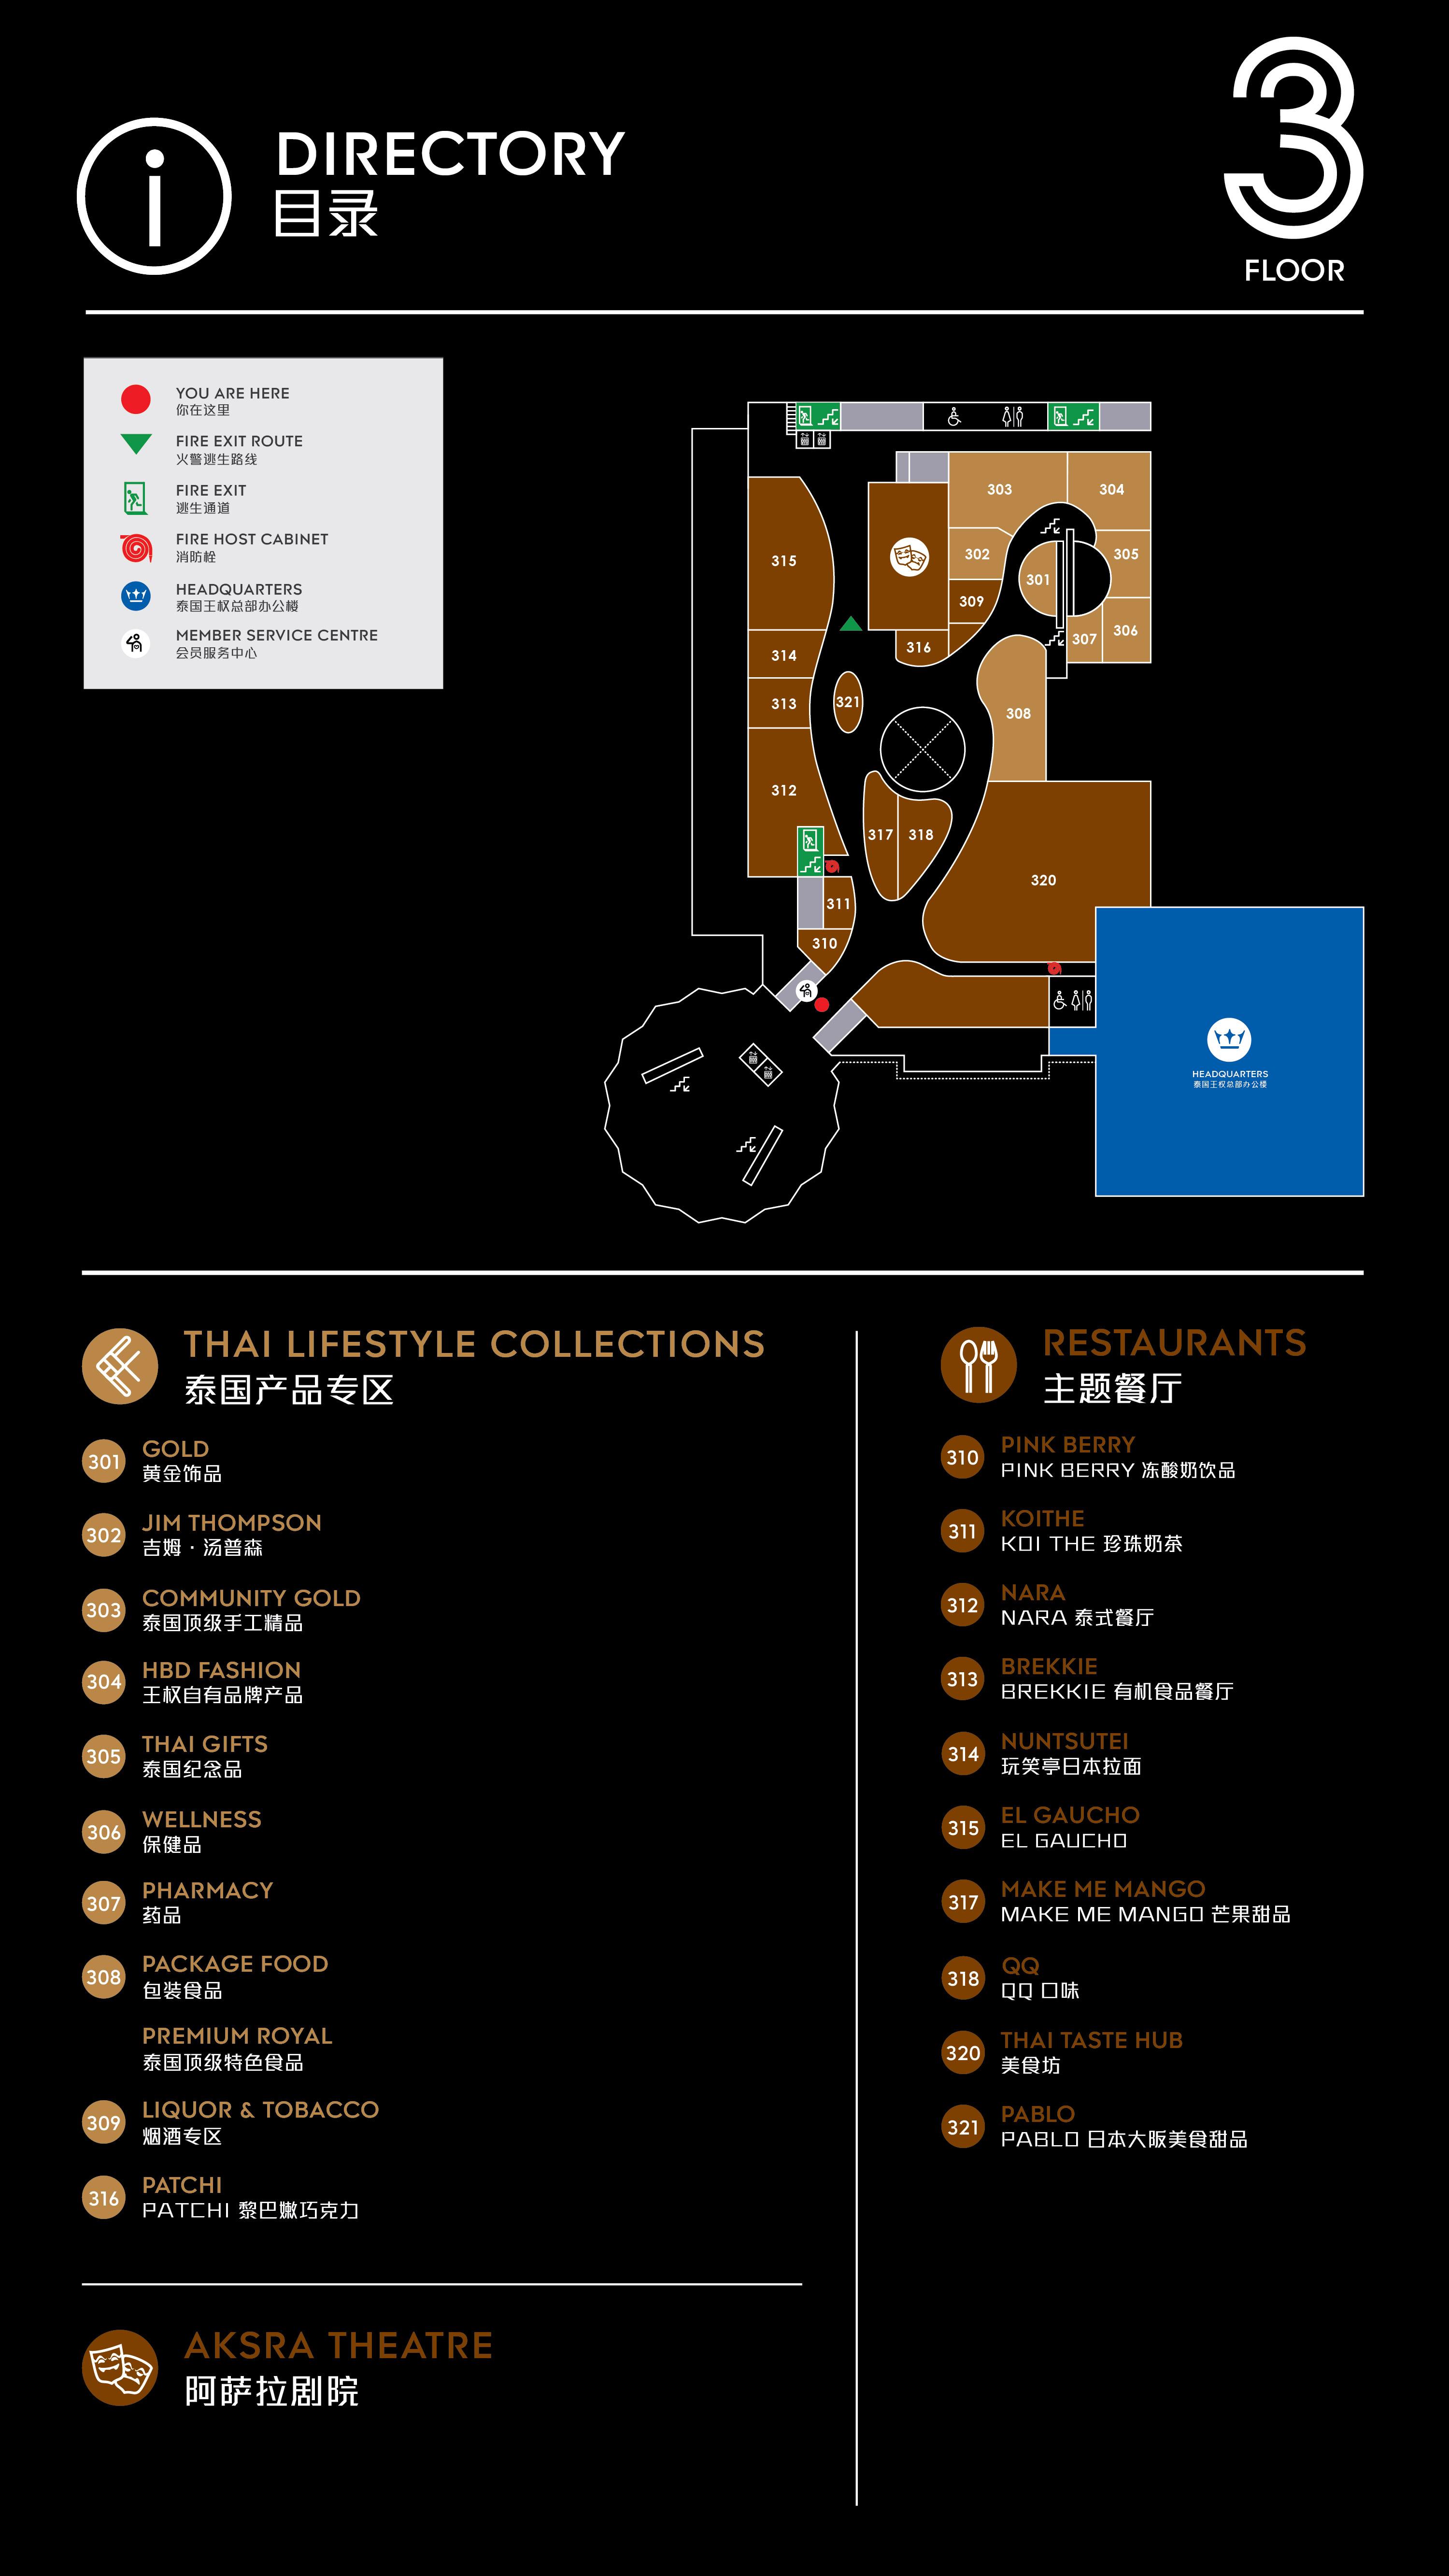 KPIR_Map_FD3-01-02_49